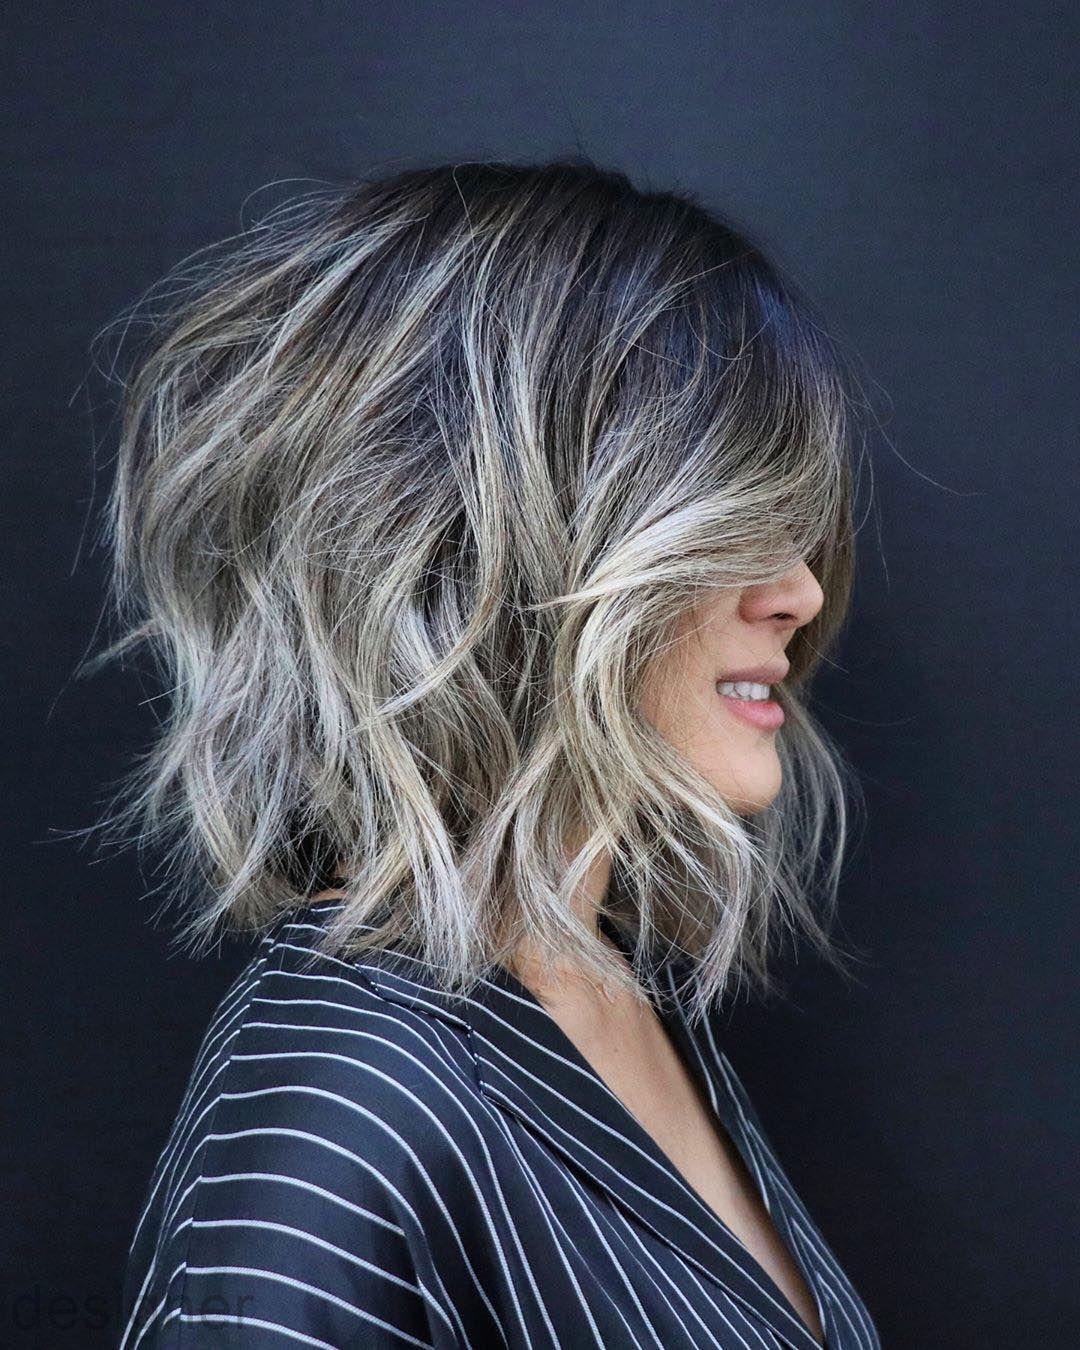 Hair Styles For Long Hair Length Simple Best Hair Styles For Oval Faces Over 40 Black Hair Stylin En 2020 Peinado Bob Peinados Cabello Y Belleza